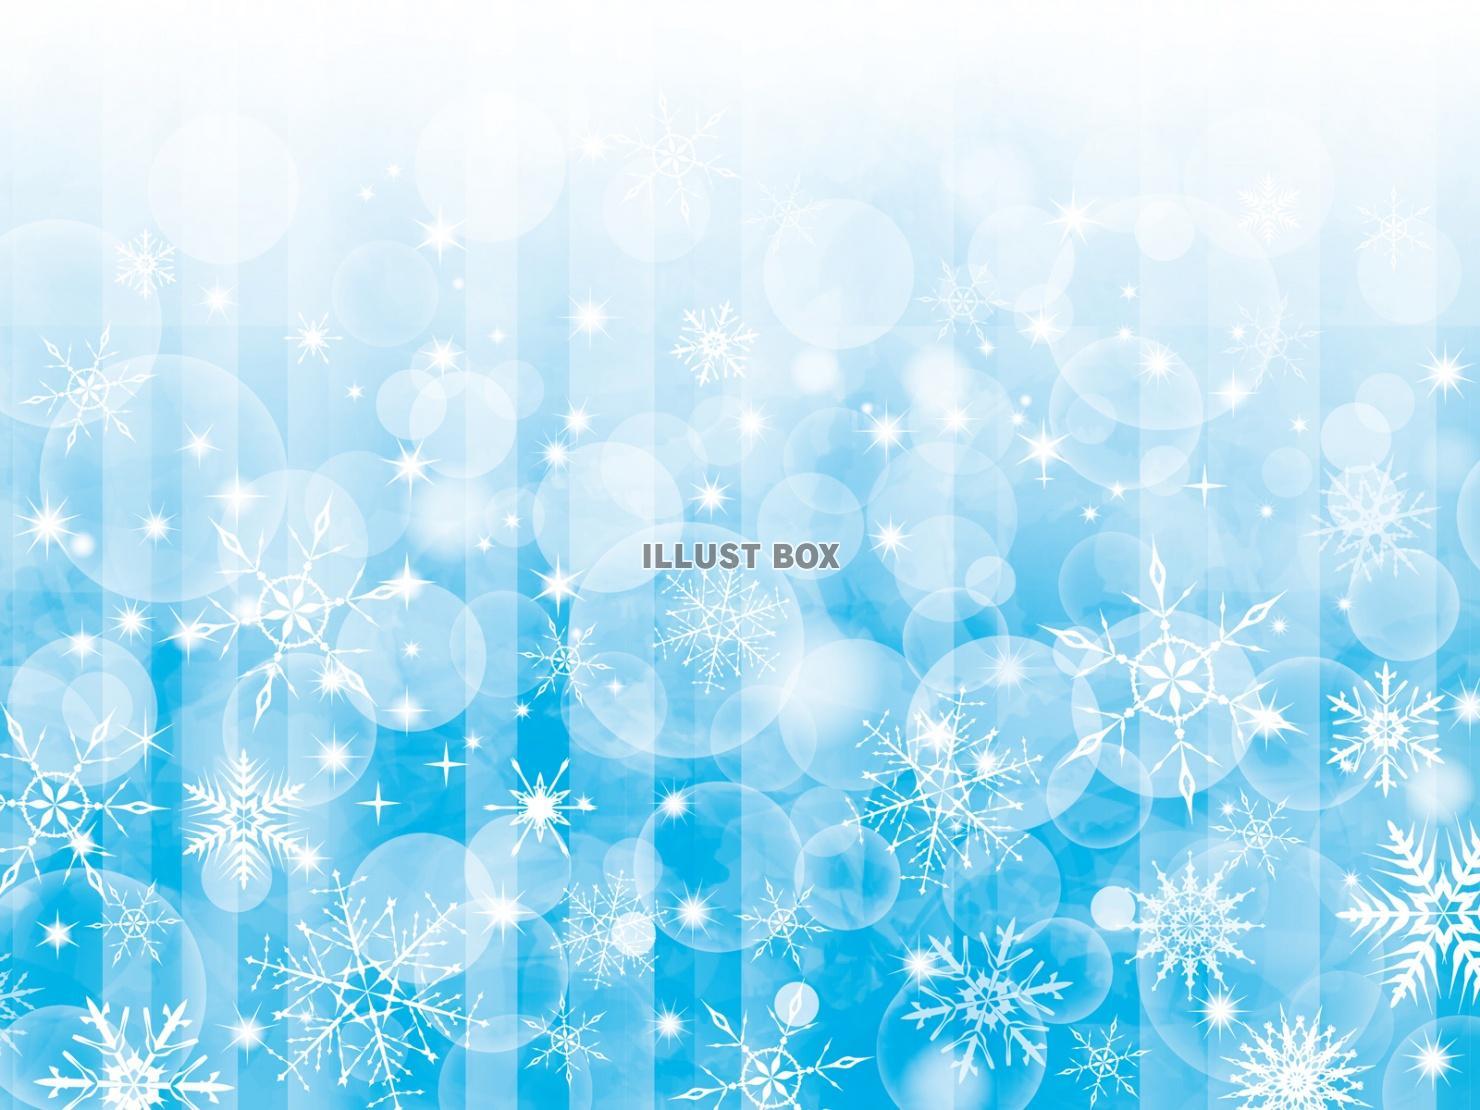 無料イラスト 雪 背景 キラキラ 雪の結晶 結晶 壁紙 イラスト 冬 きら